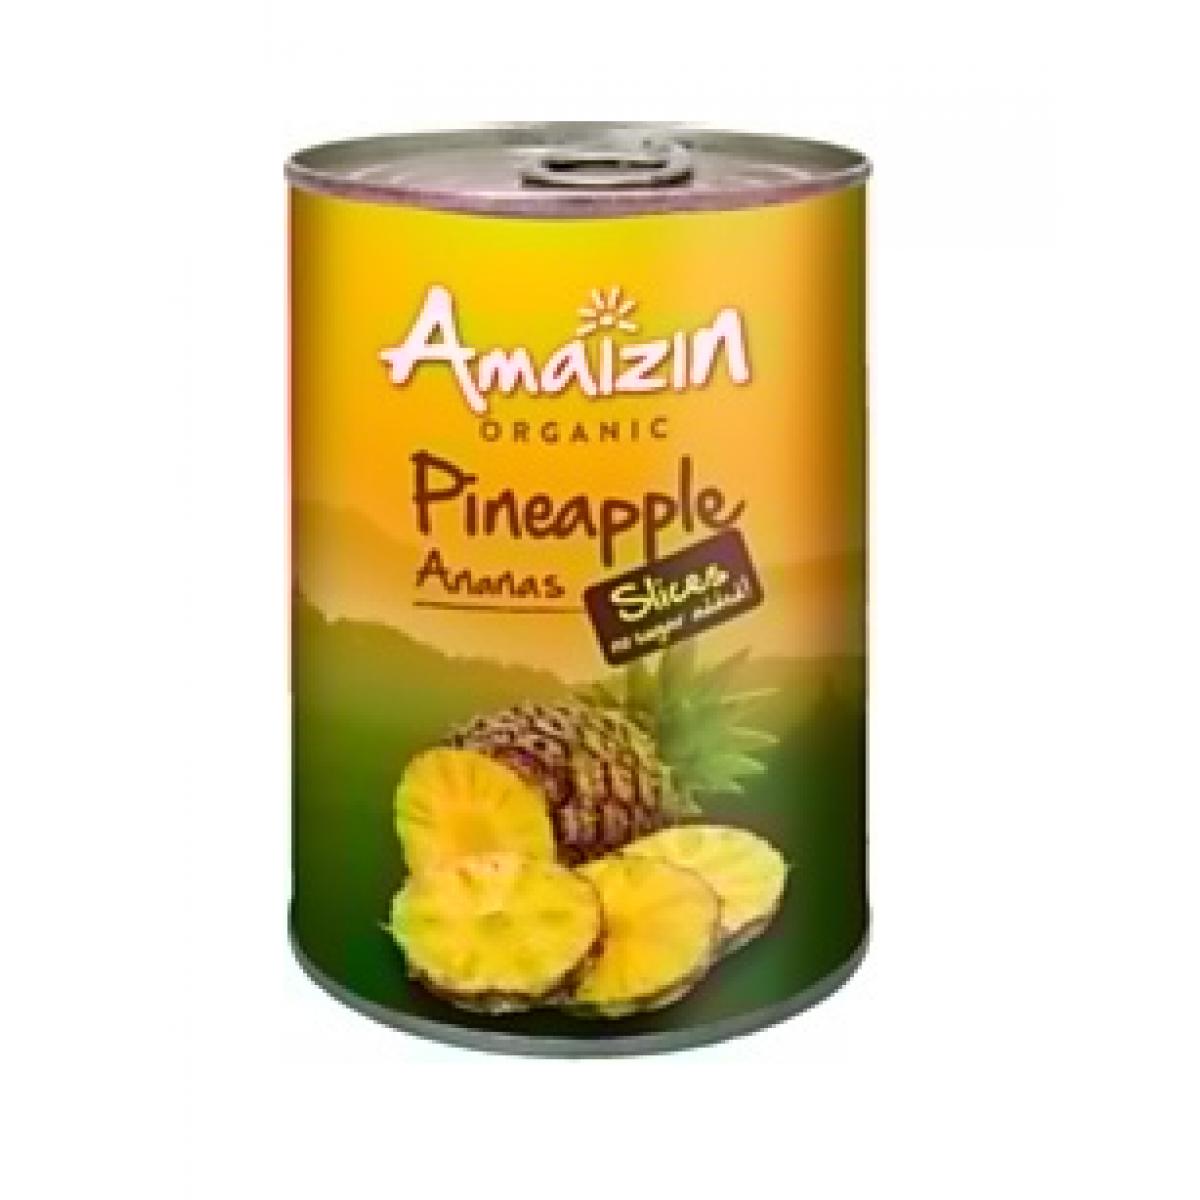 Ananas (schijven)